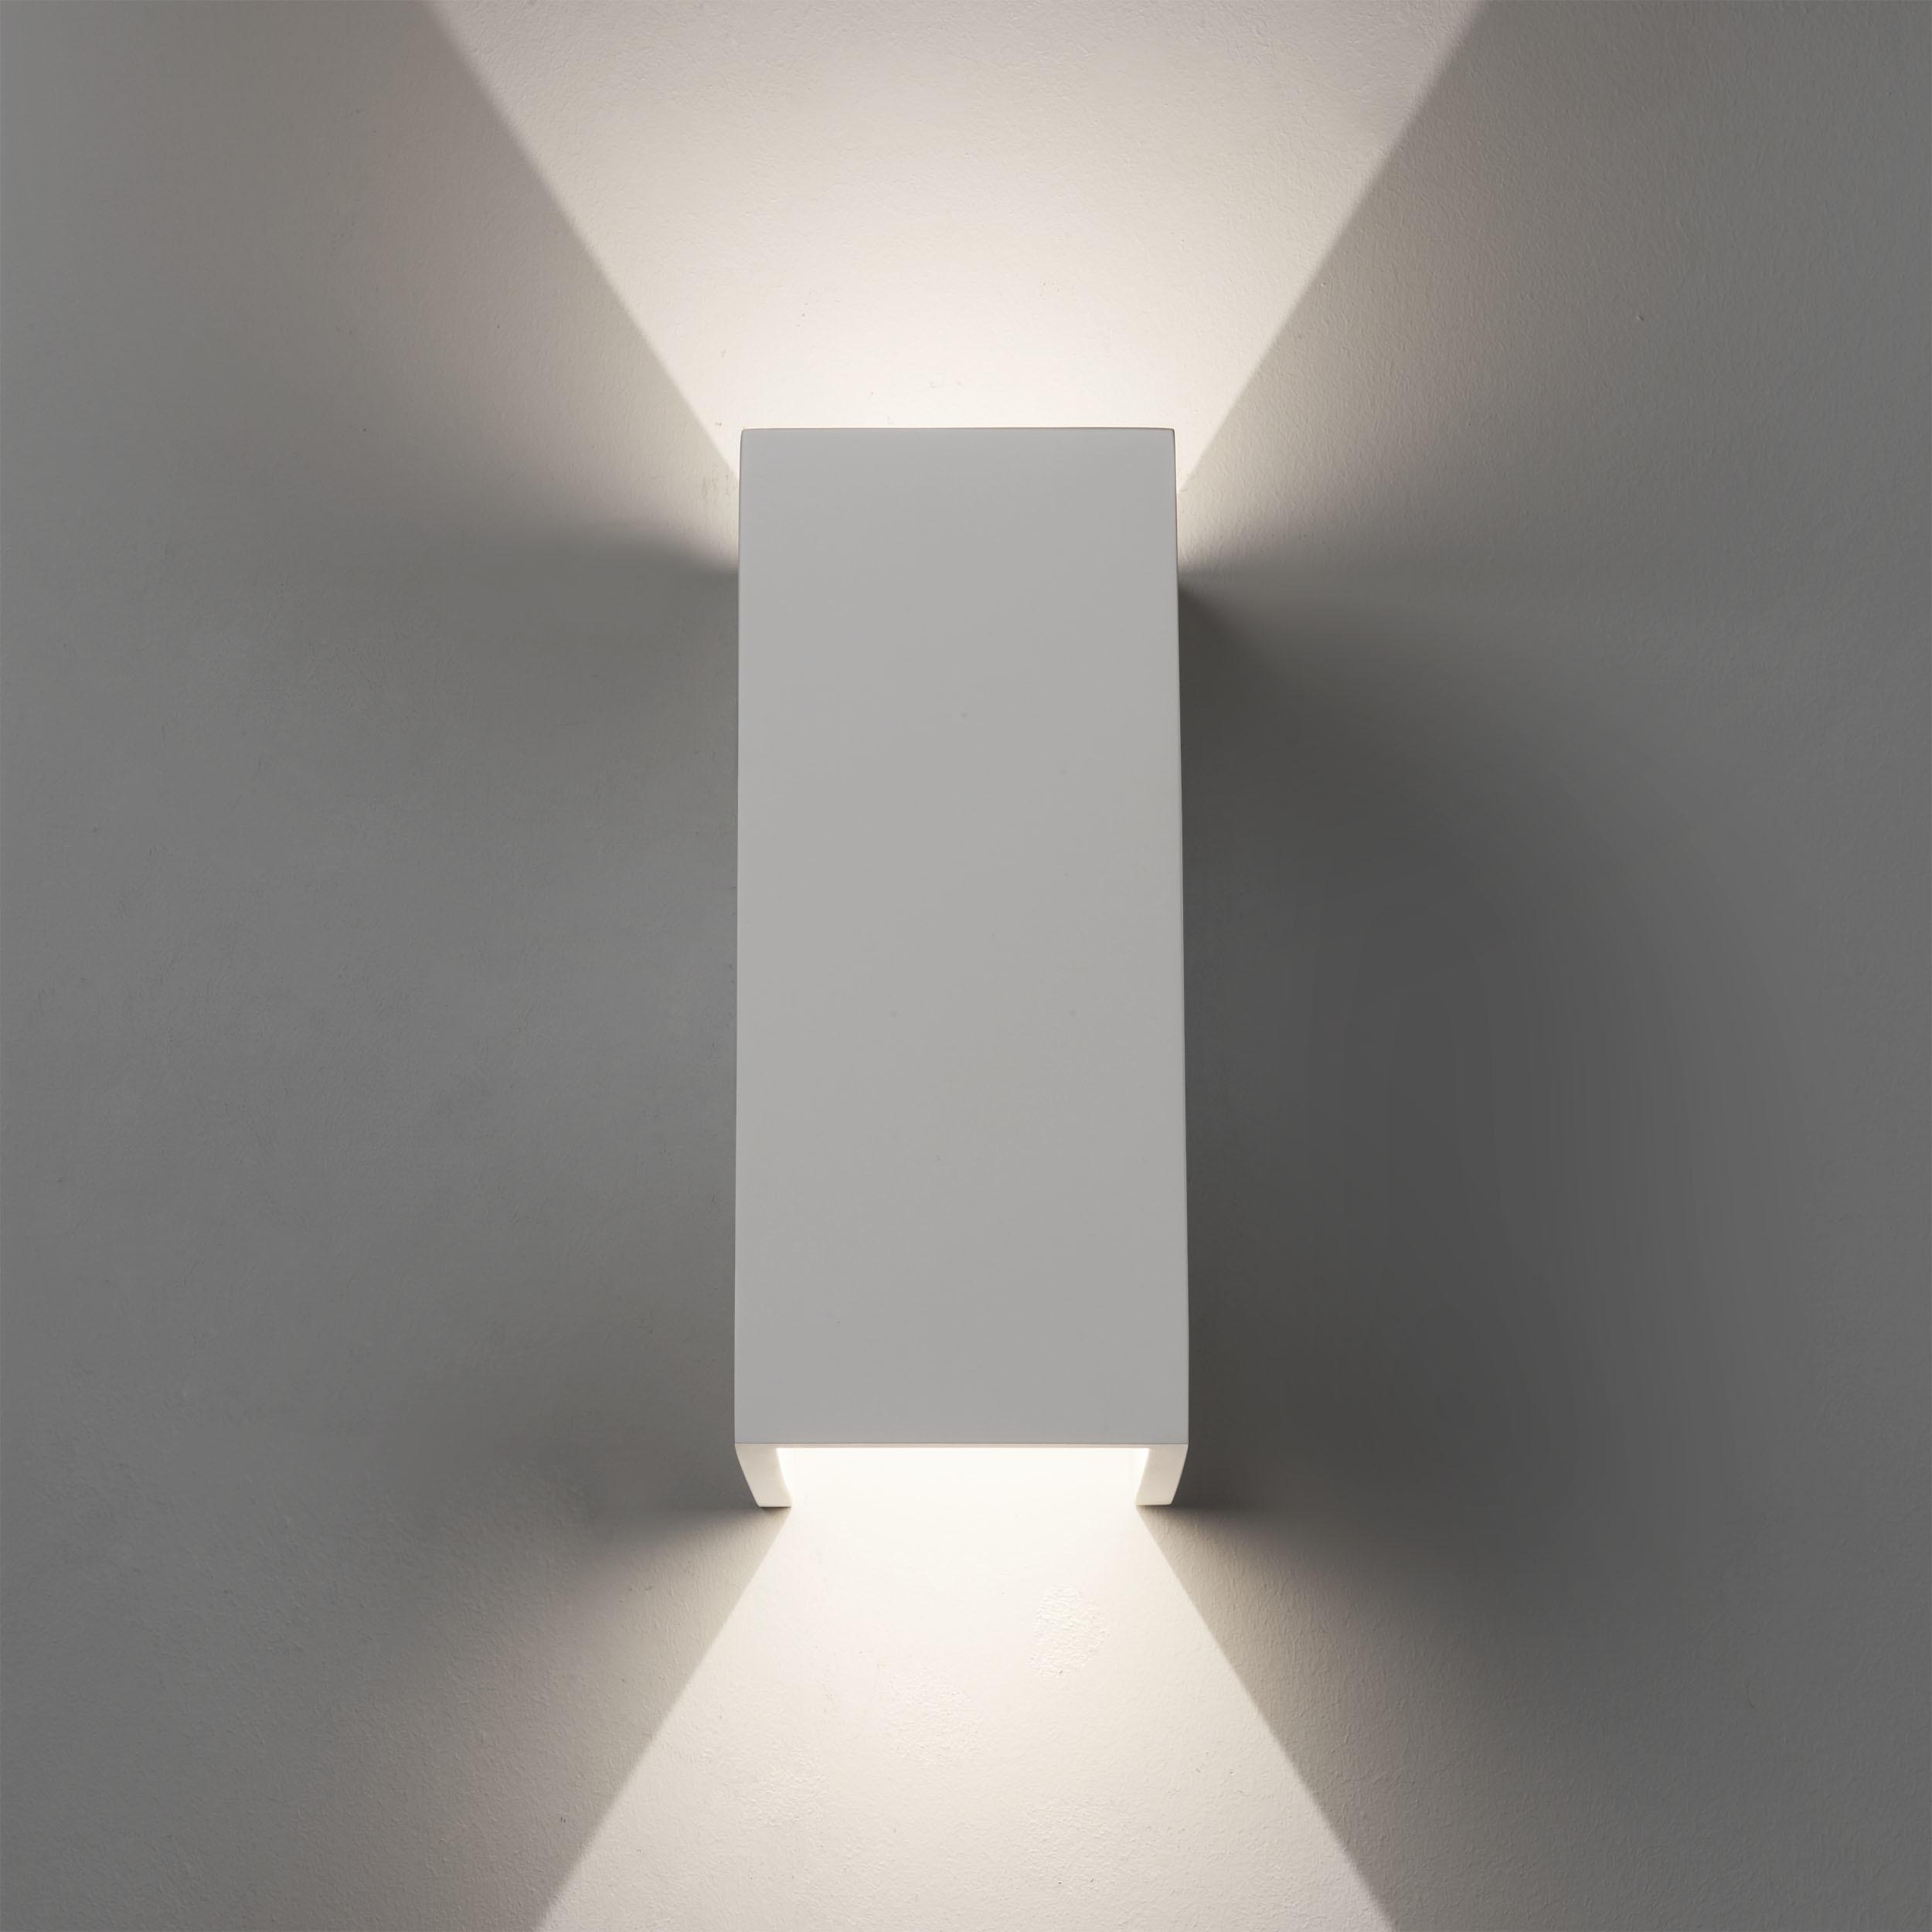 Настенный светодиодный светильник Astro Parma 1187019 (8052), LED 8W 2700K 549.9lm CRI80, белый, под покраску, гипс - фото 2